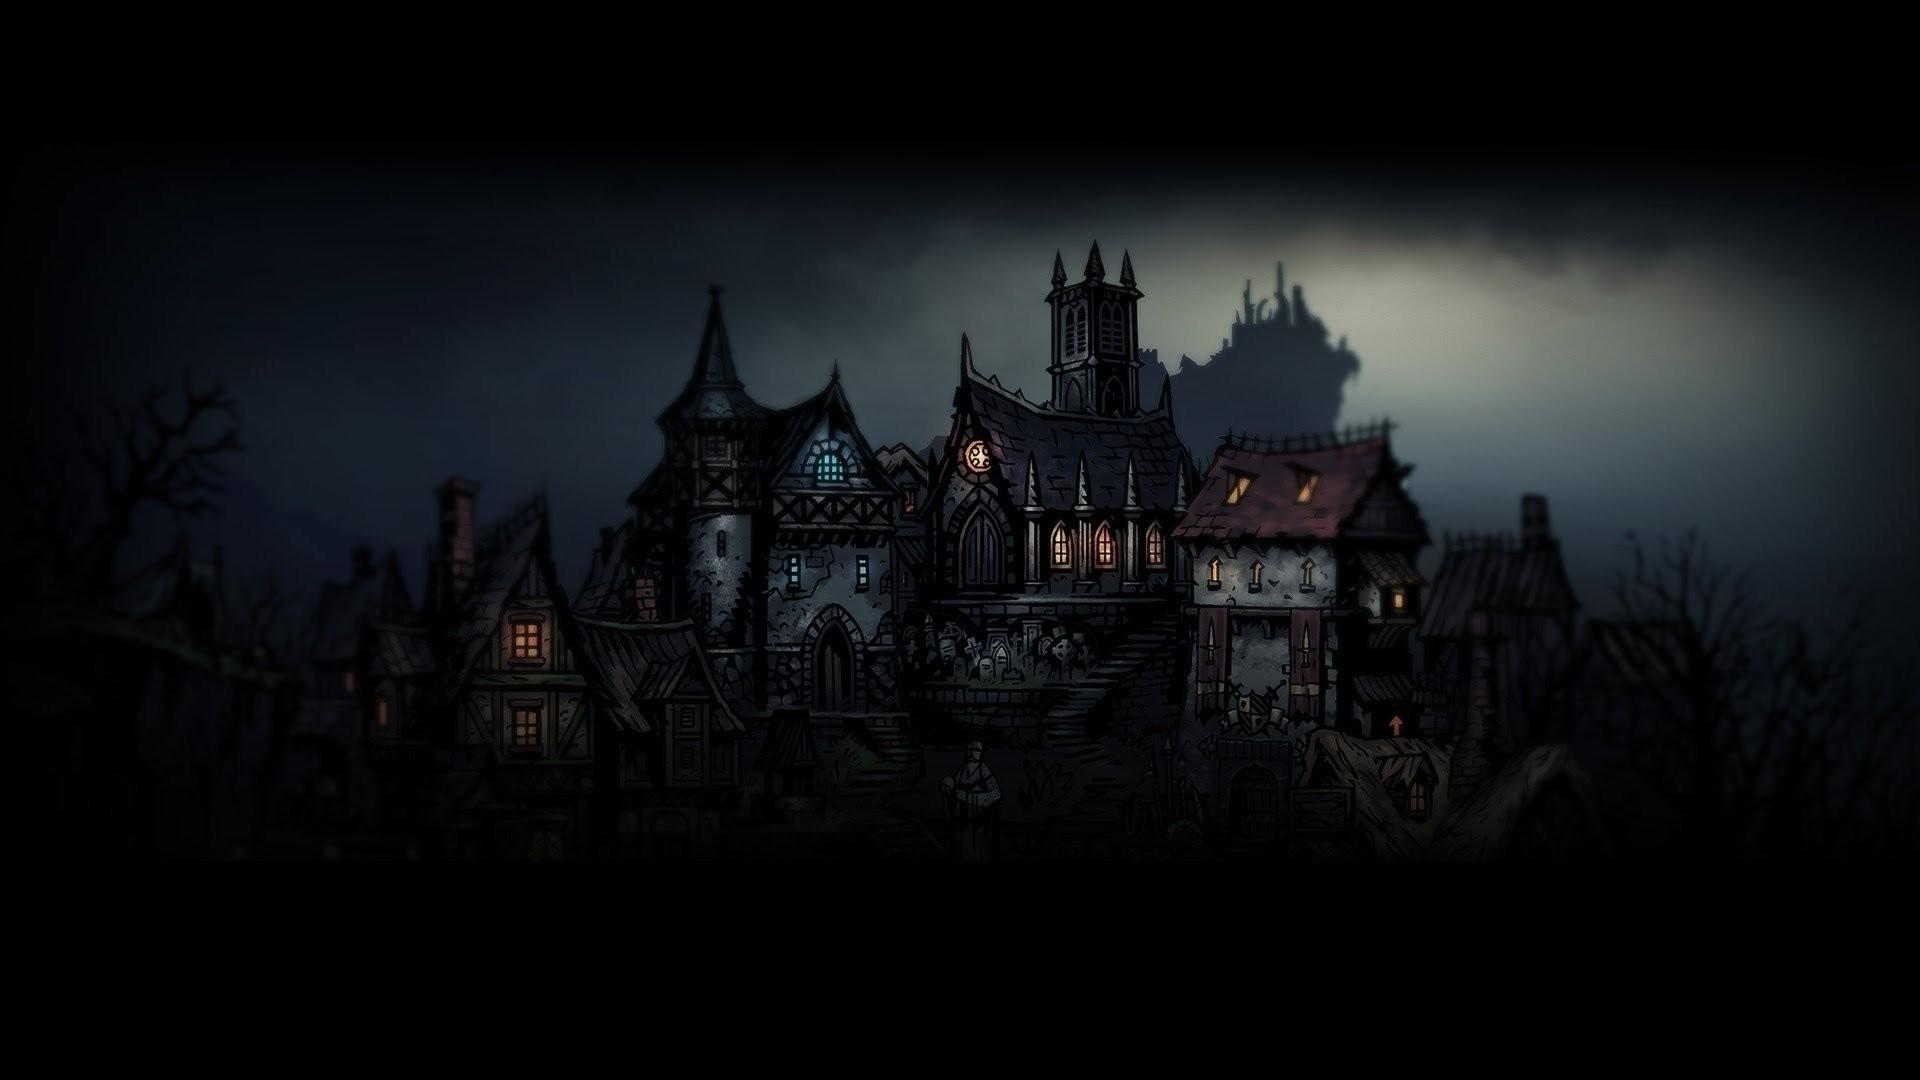 Darkest Dungeon Wallpaper (91+ images)